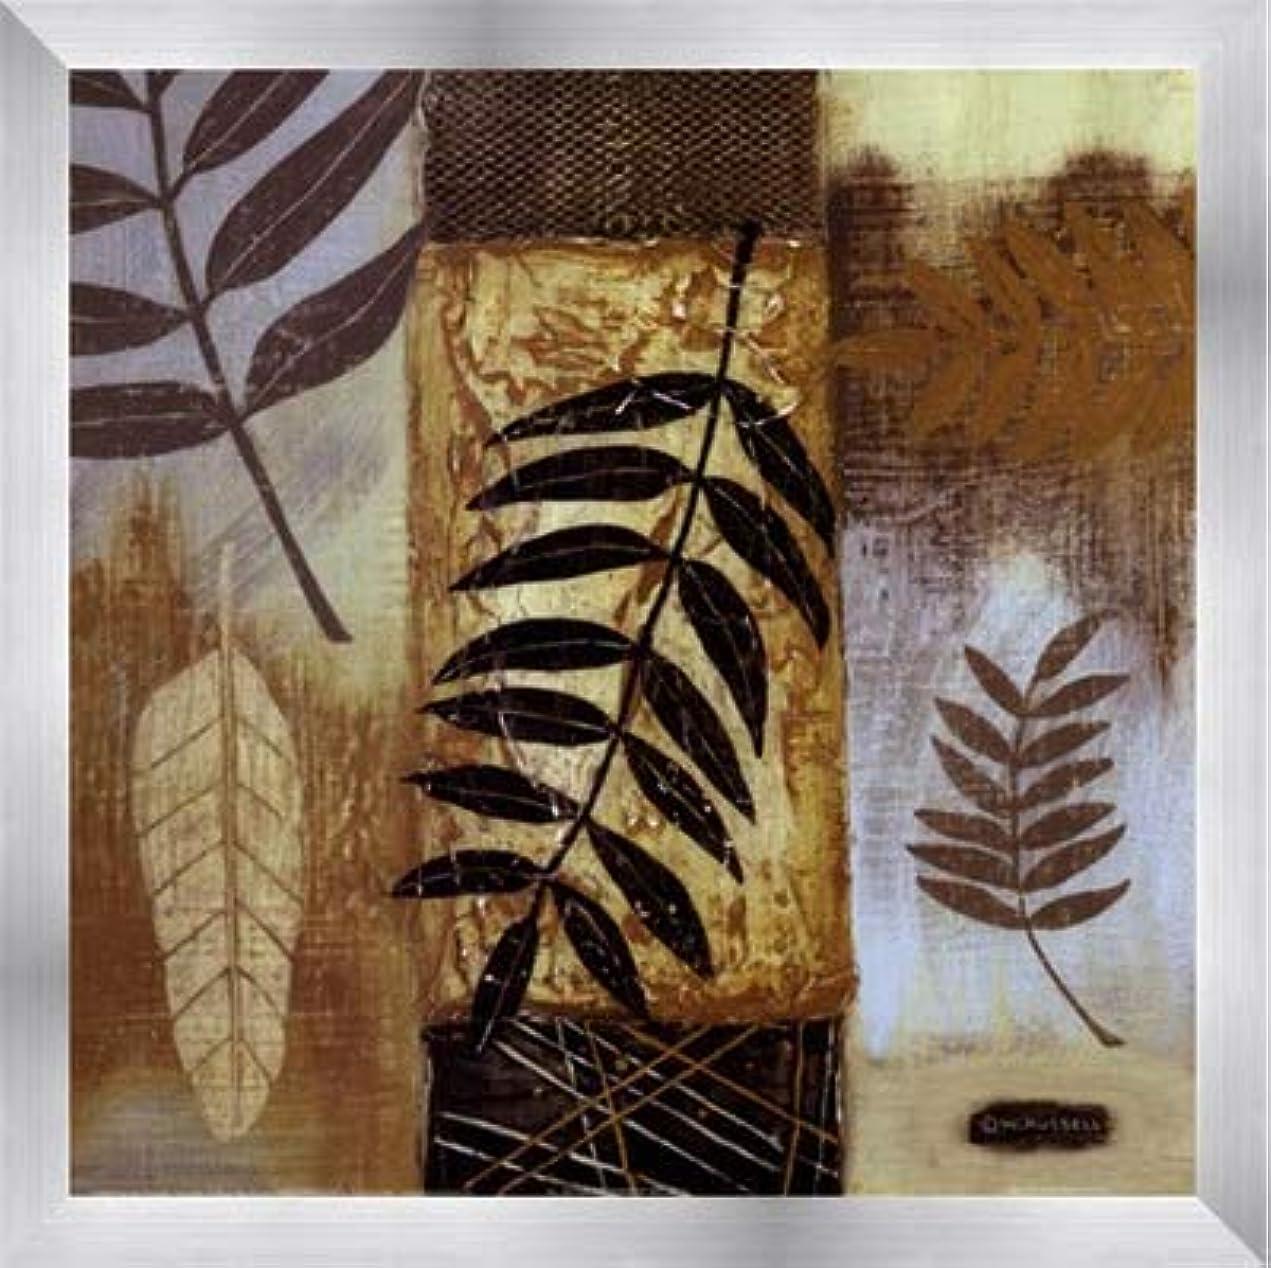 お母さん共産主義者限界自然のパターンI by Wendy Russell – 12 x 12インチ – アートプリントポスター 12 x 12 Inch LE_255654-F9935-12x12